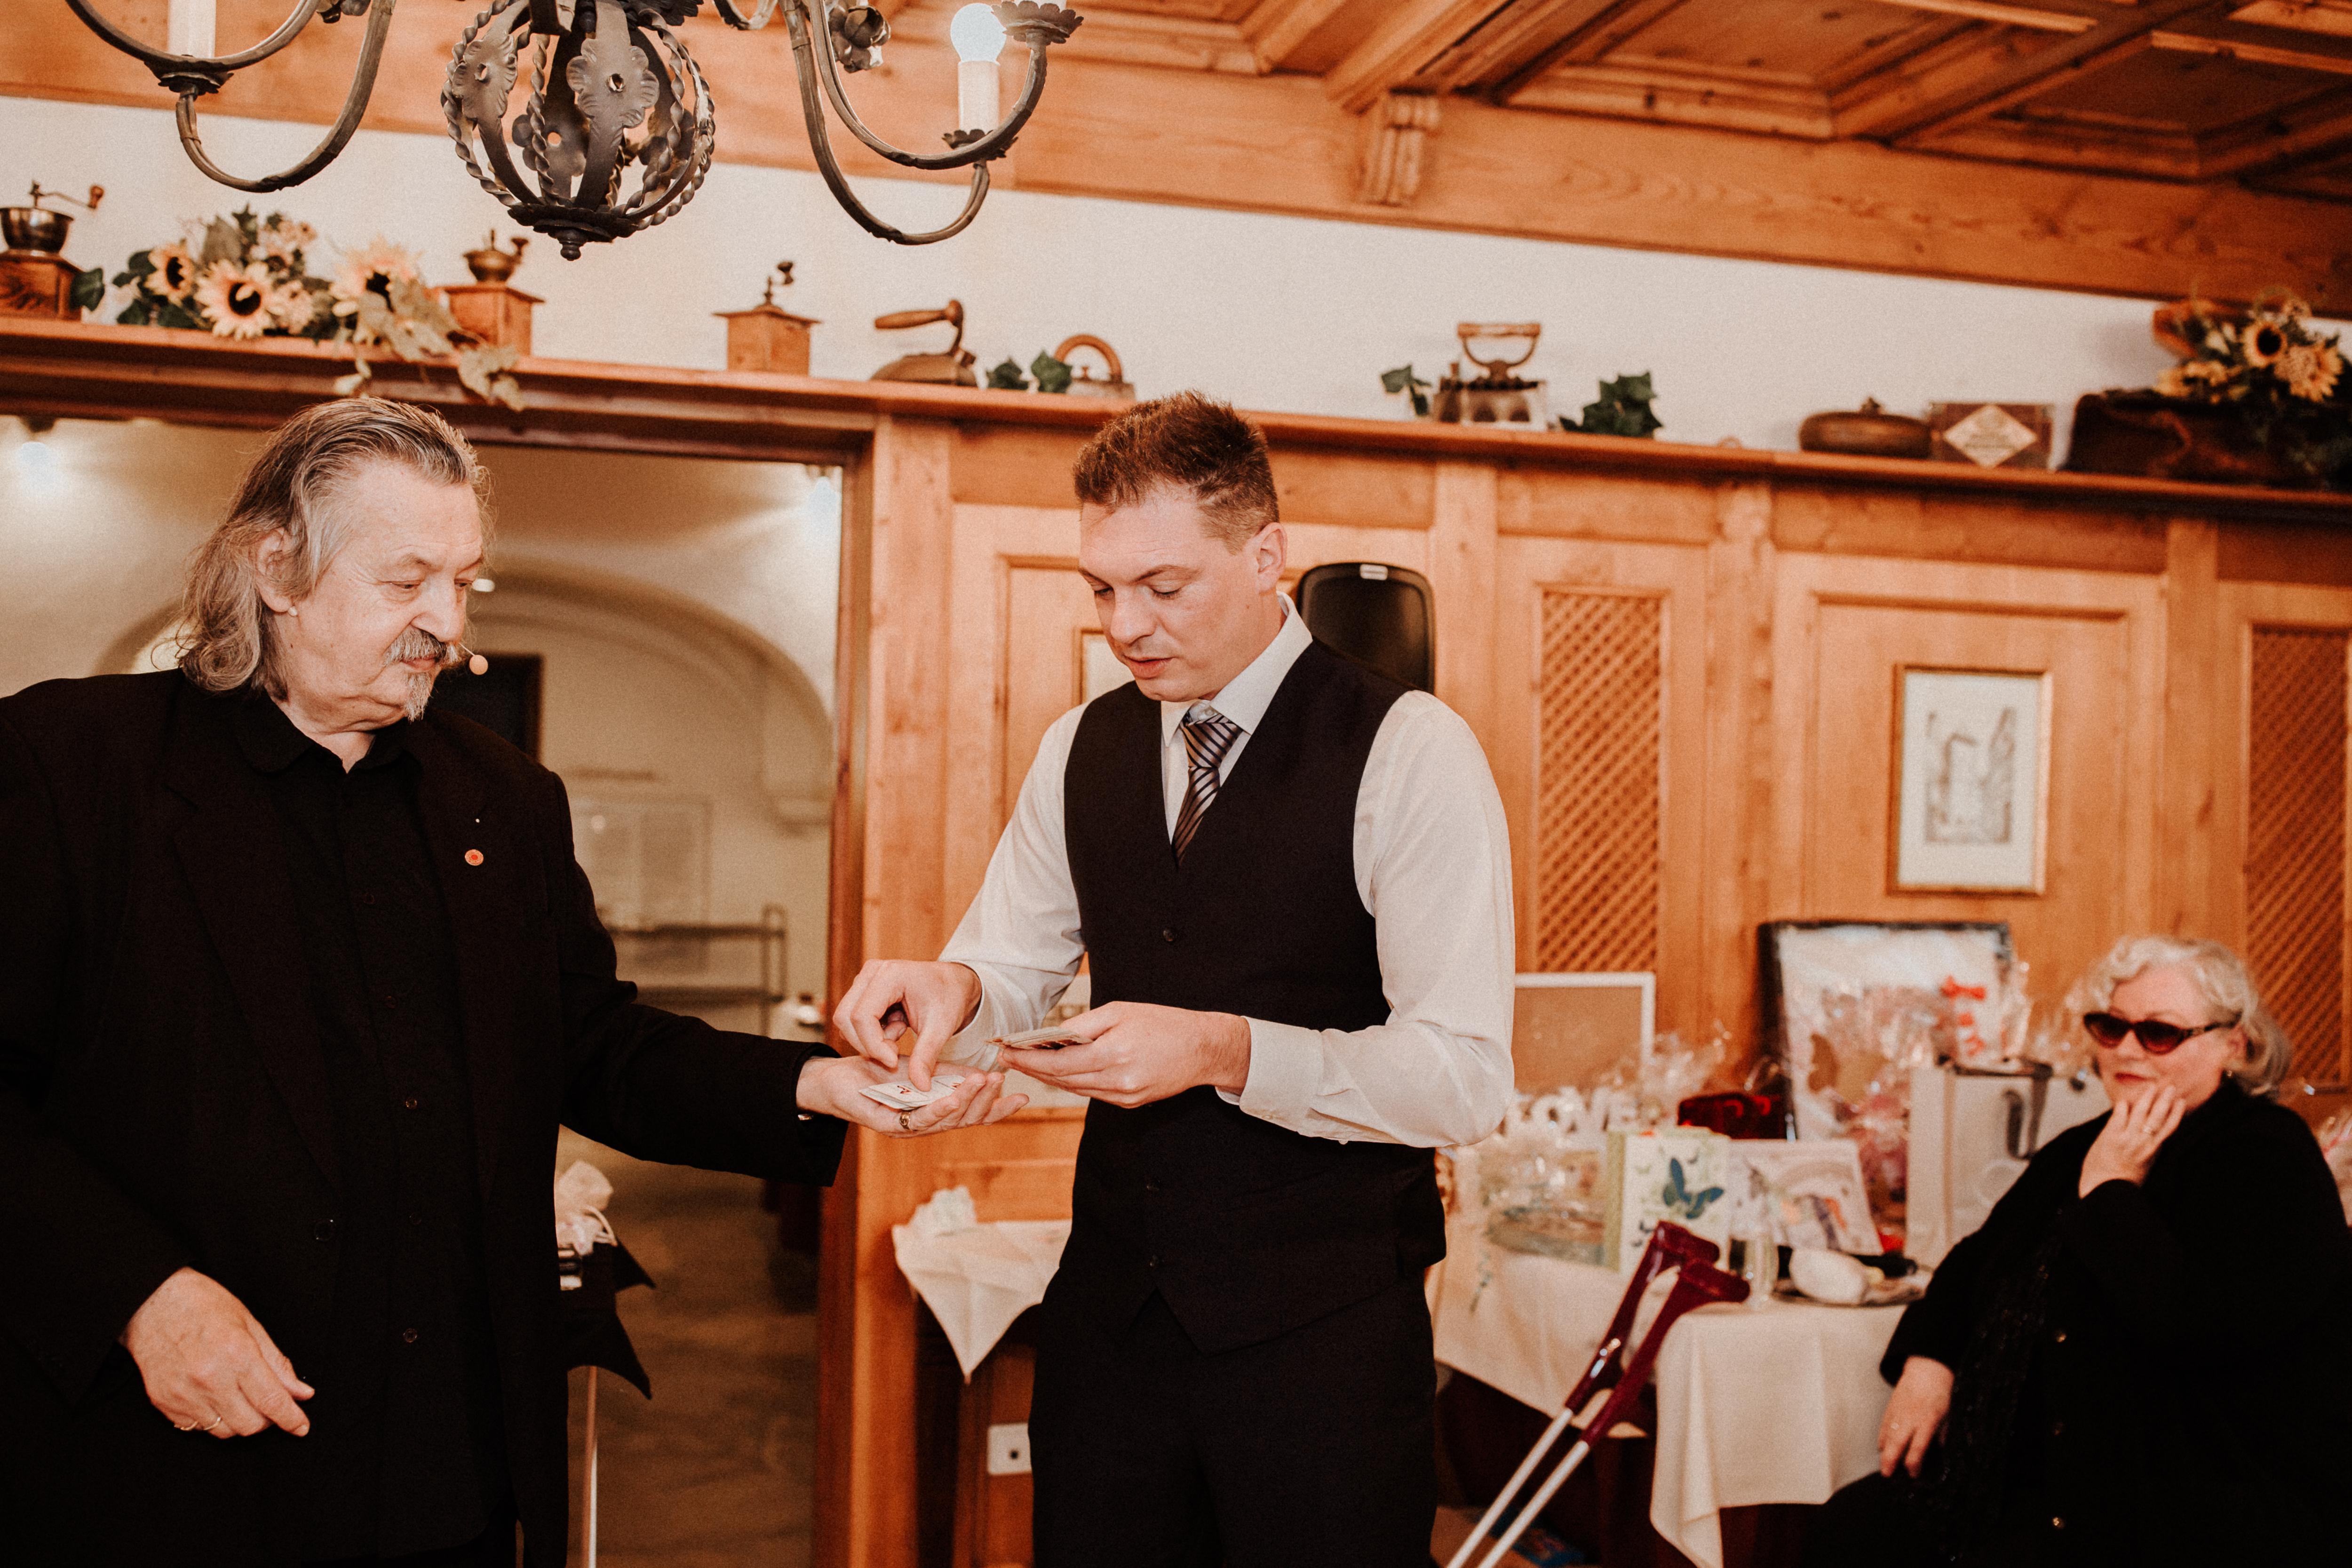 URBANERIE_Daniela_Goth_Hochzeitsfotografin_Nürnberg_Fürth_Erlangen_Schwabach_171007_1537